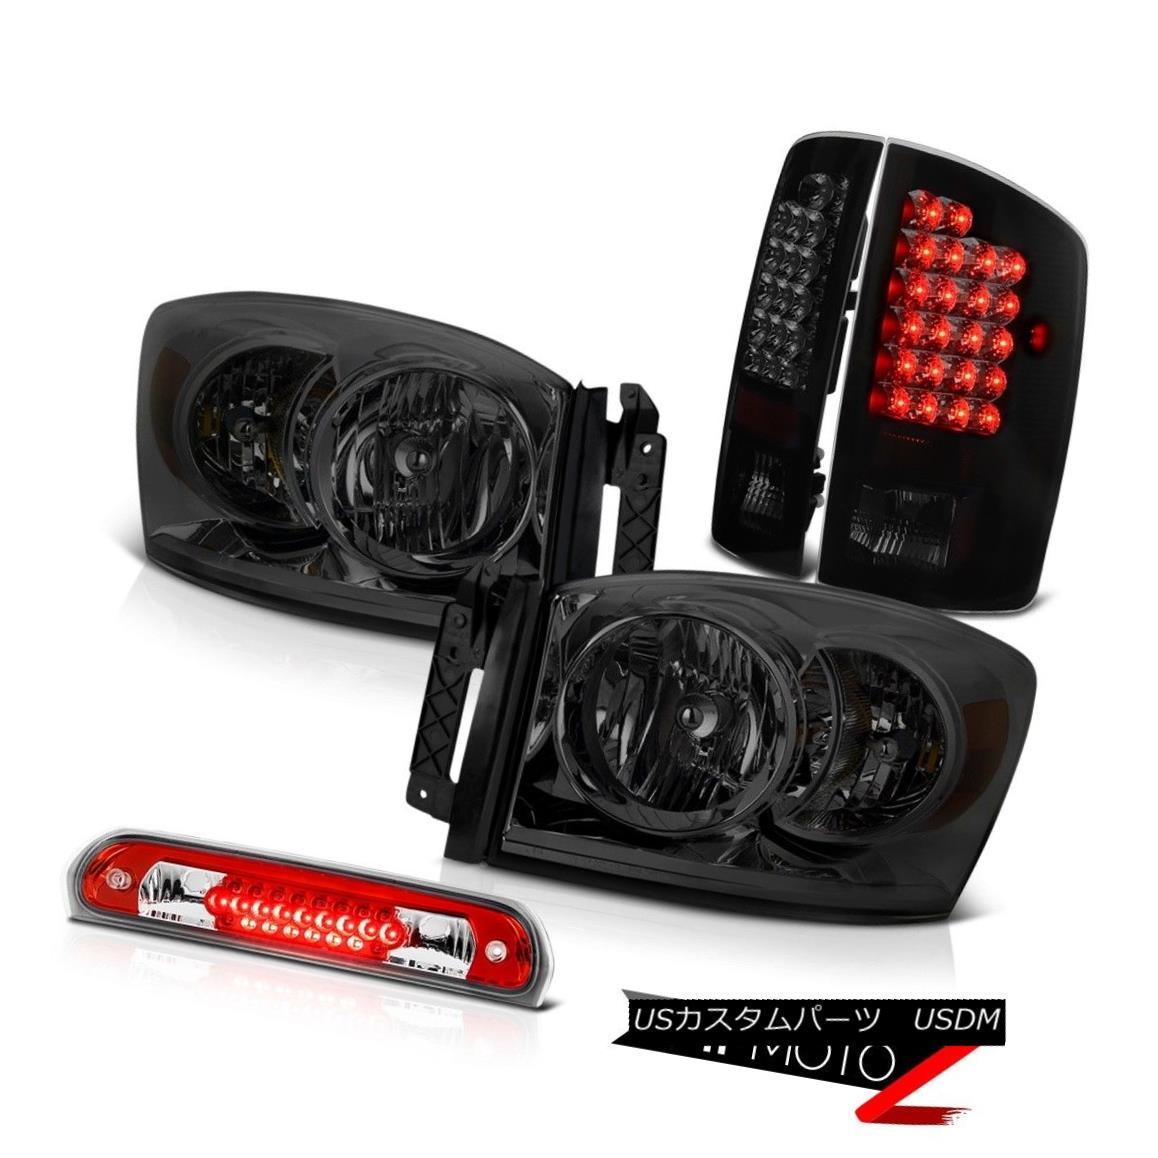 ヘッドライト 2006 Dodge Ram WS Dark Smoke Headlamps Tinted LED Tail Lights Roof Brake Cargo 2006ダッジ・ラムWSダーク・スモーク・ヘッドランプLEDテール・ライトルーフ・ブレーキ・カーゴ